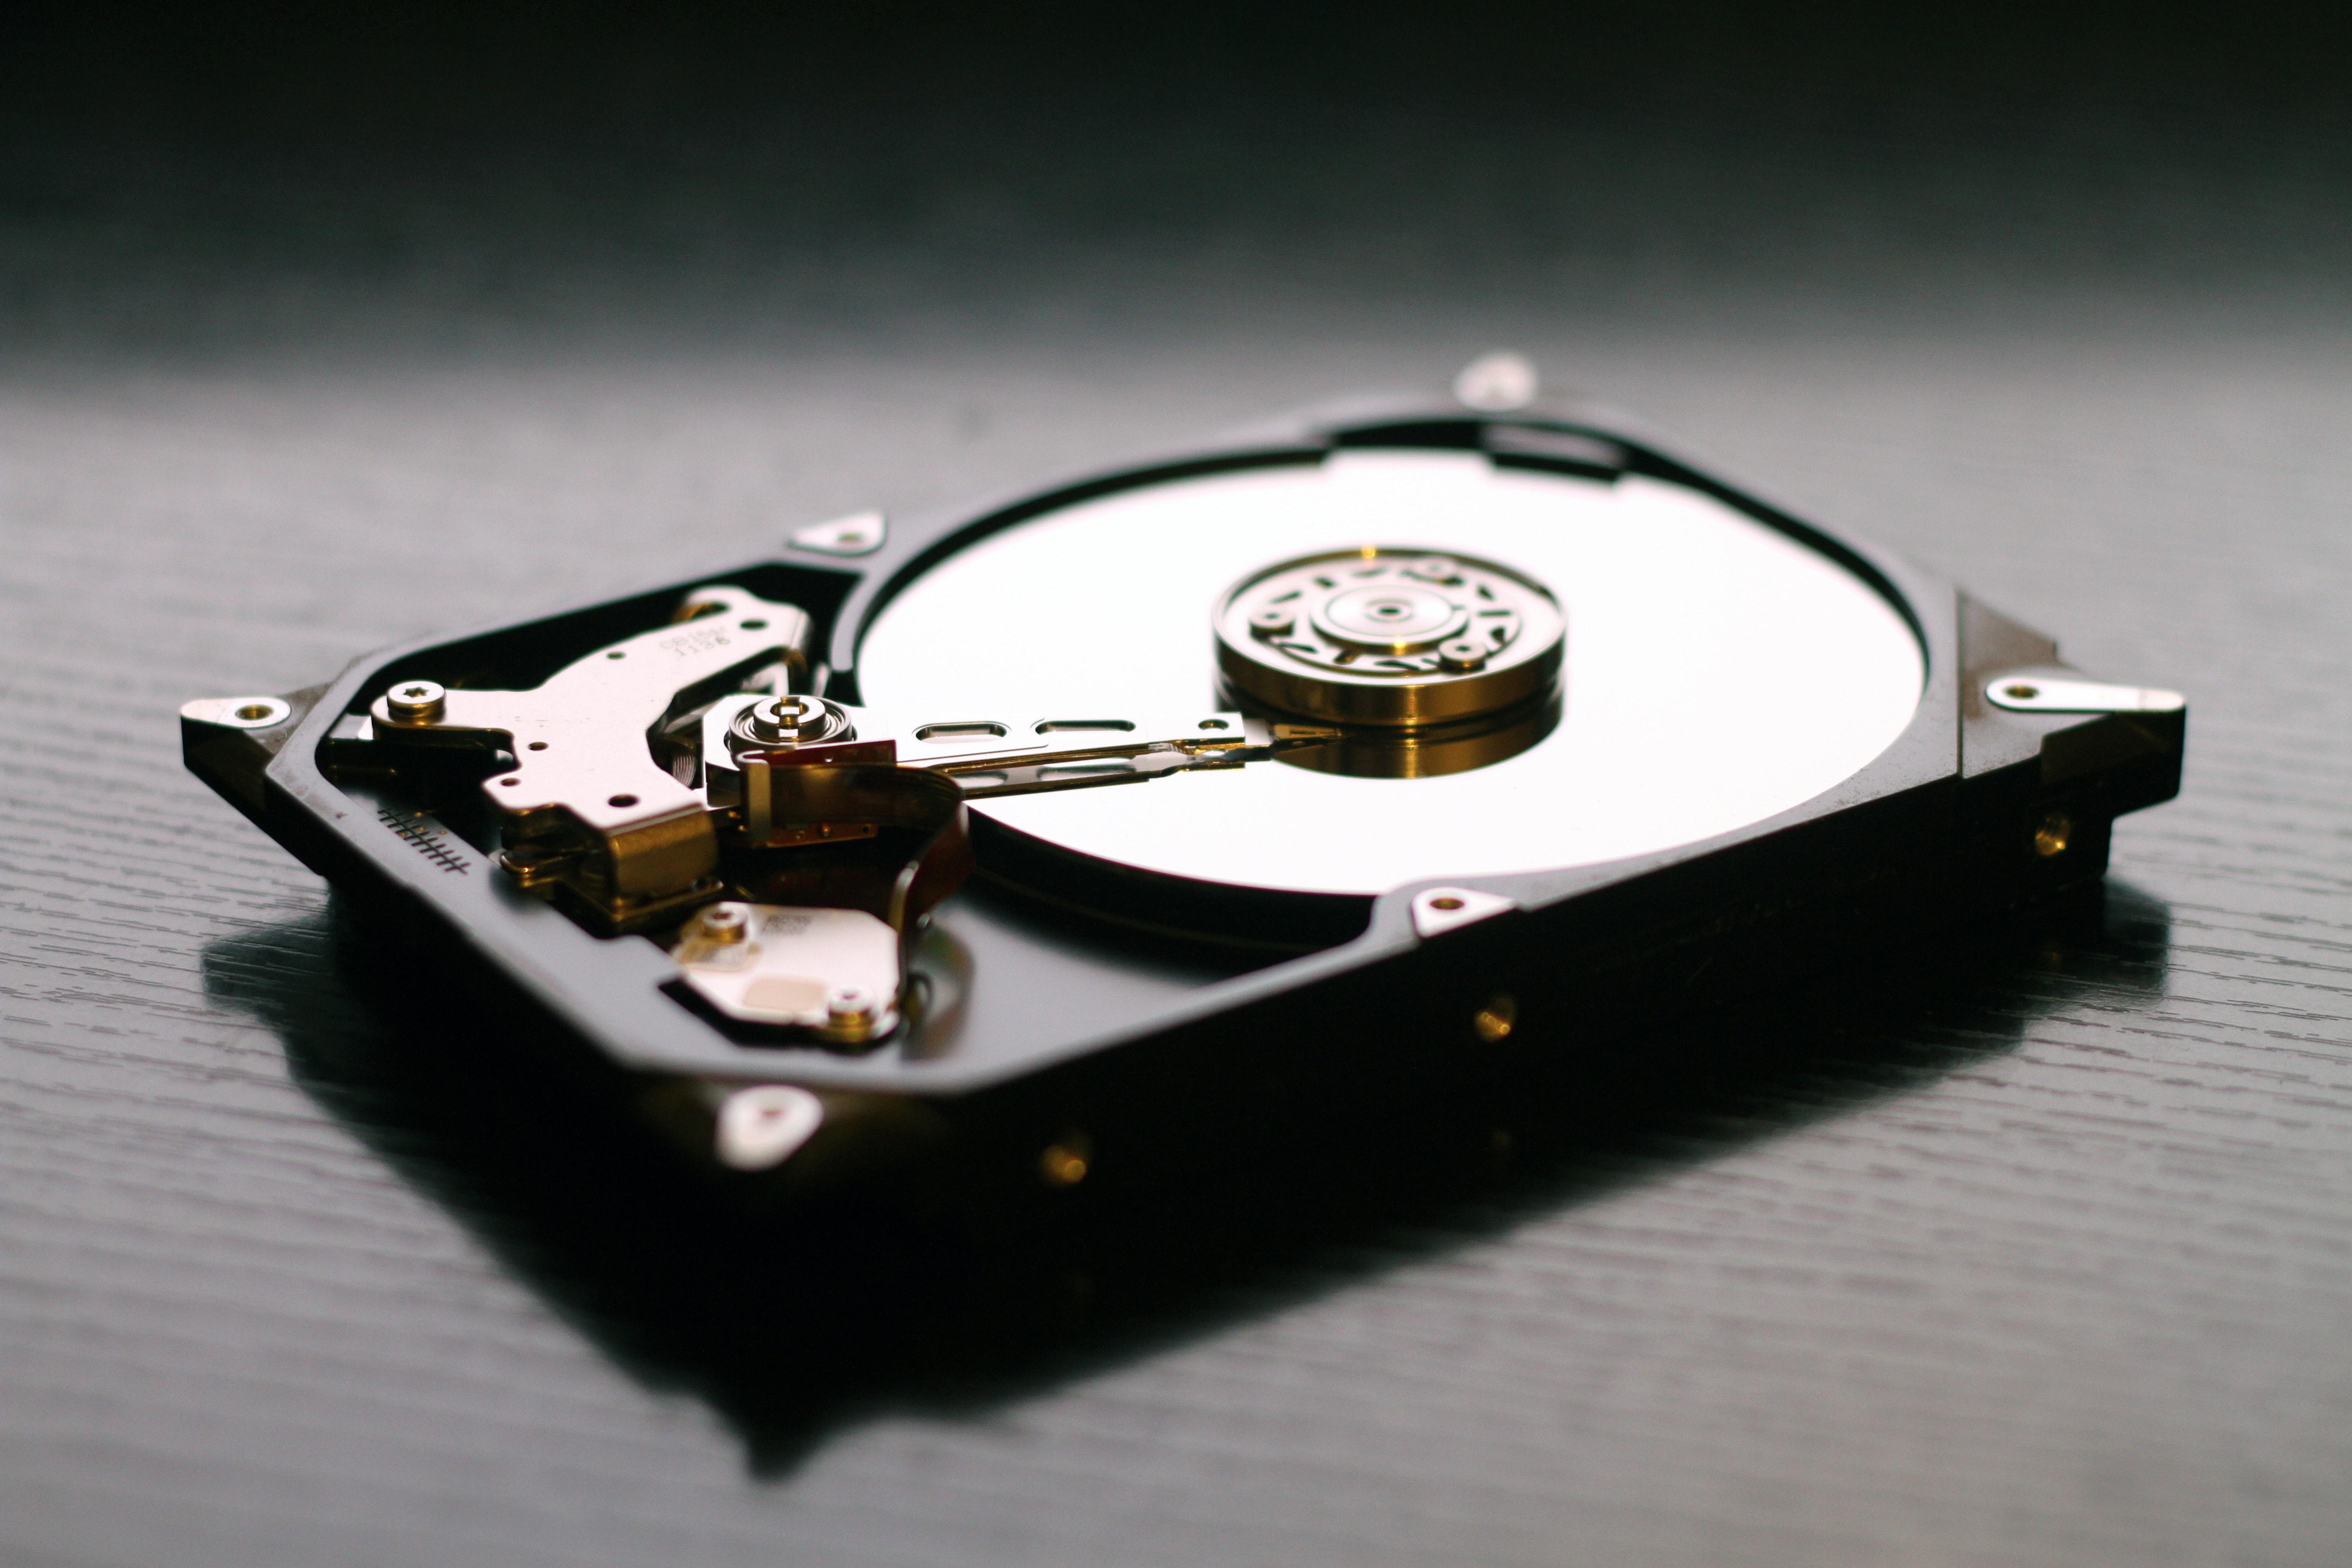 Rare Earth Magnets Are Repurposed